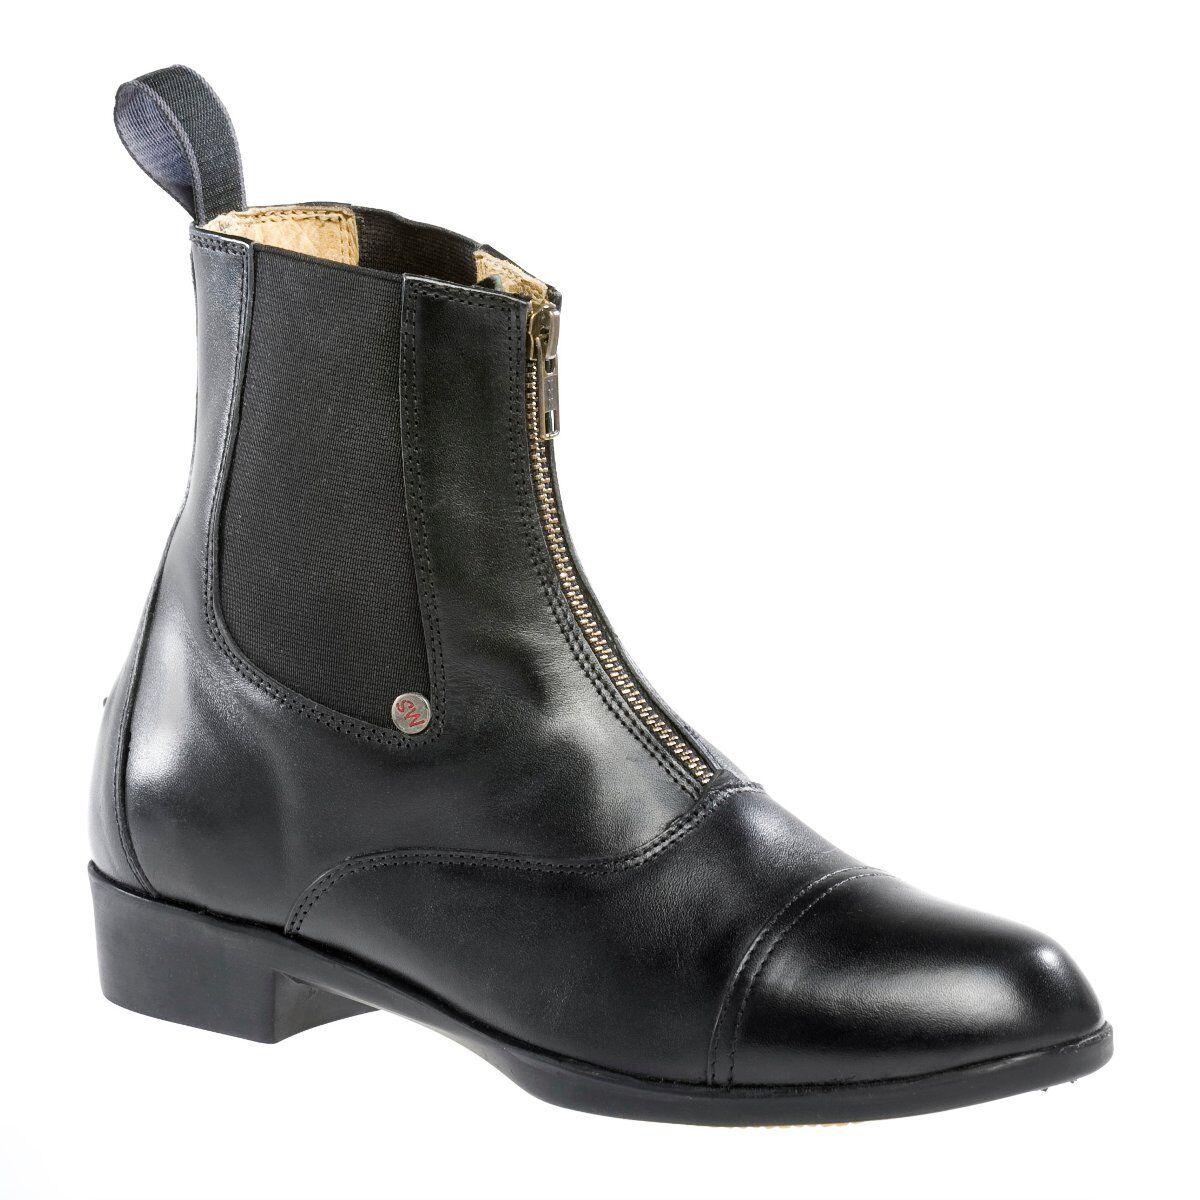 SUEDWIND Stiefel Boston Advanced schwarz Lederstiefel Premiumstiefel Reitstiefel